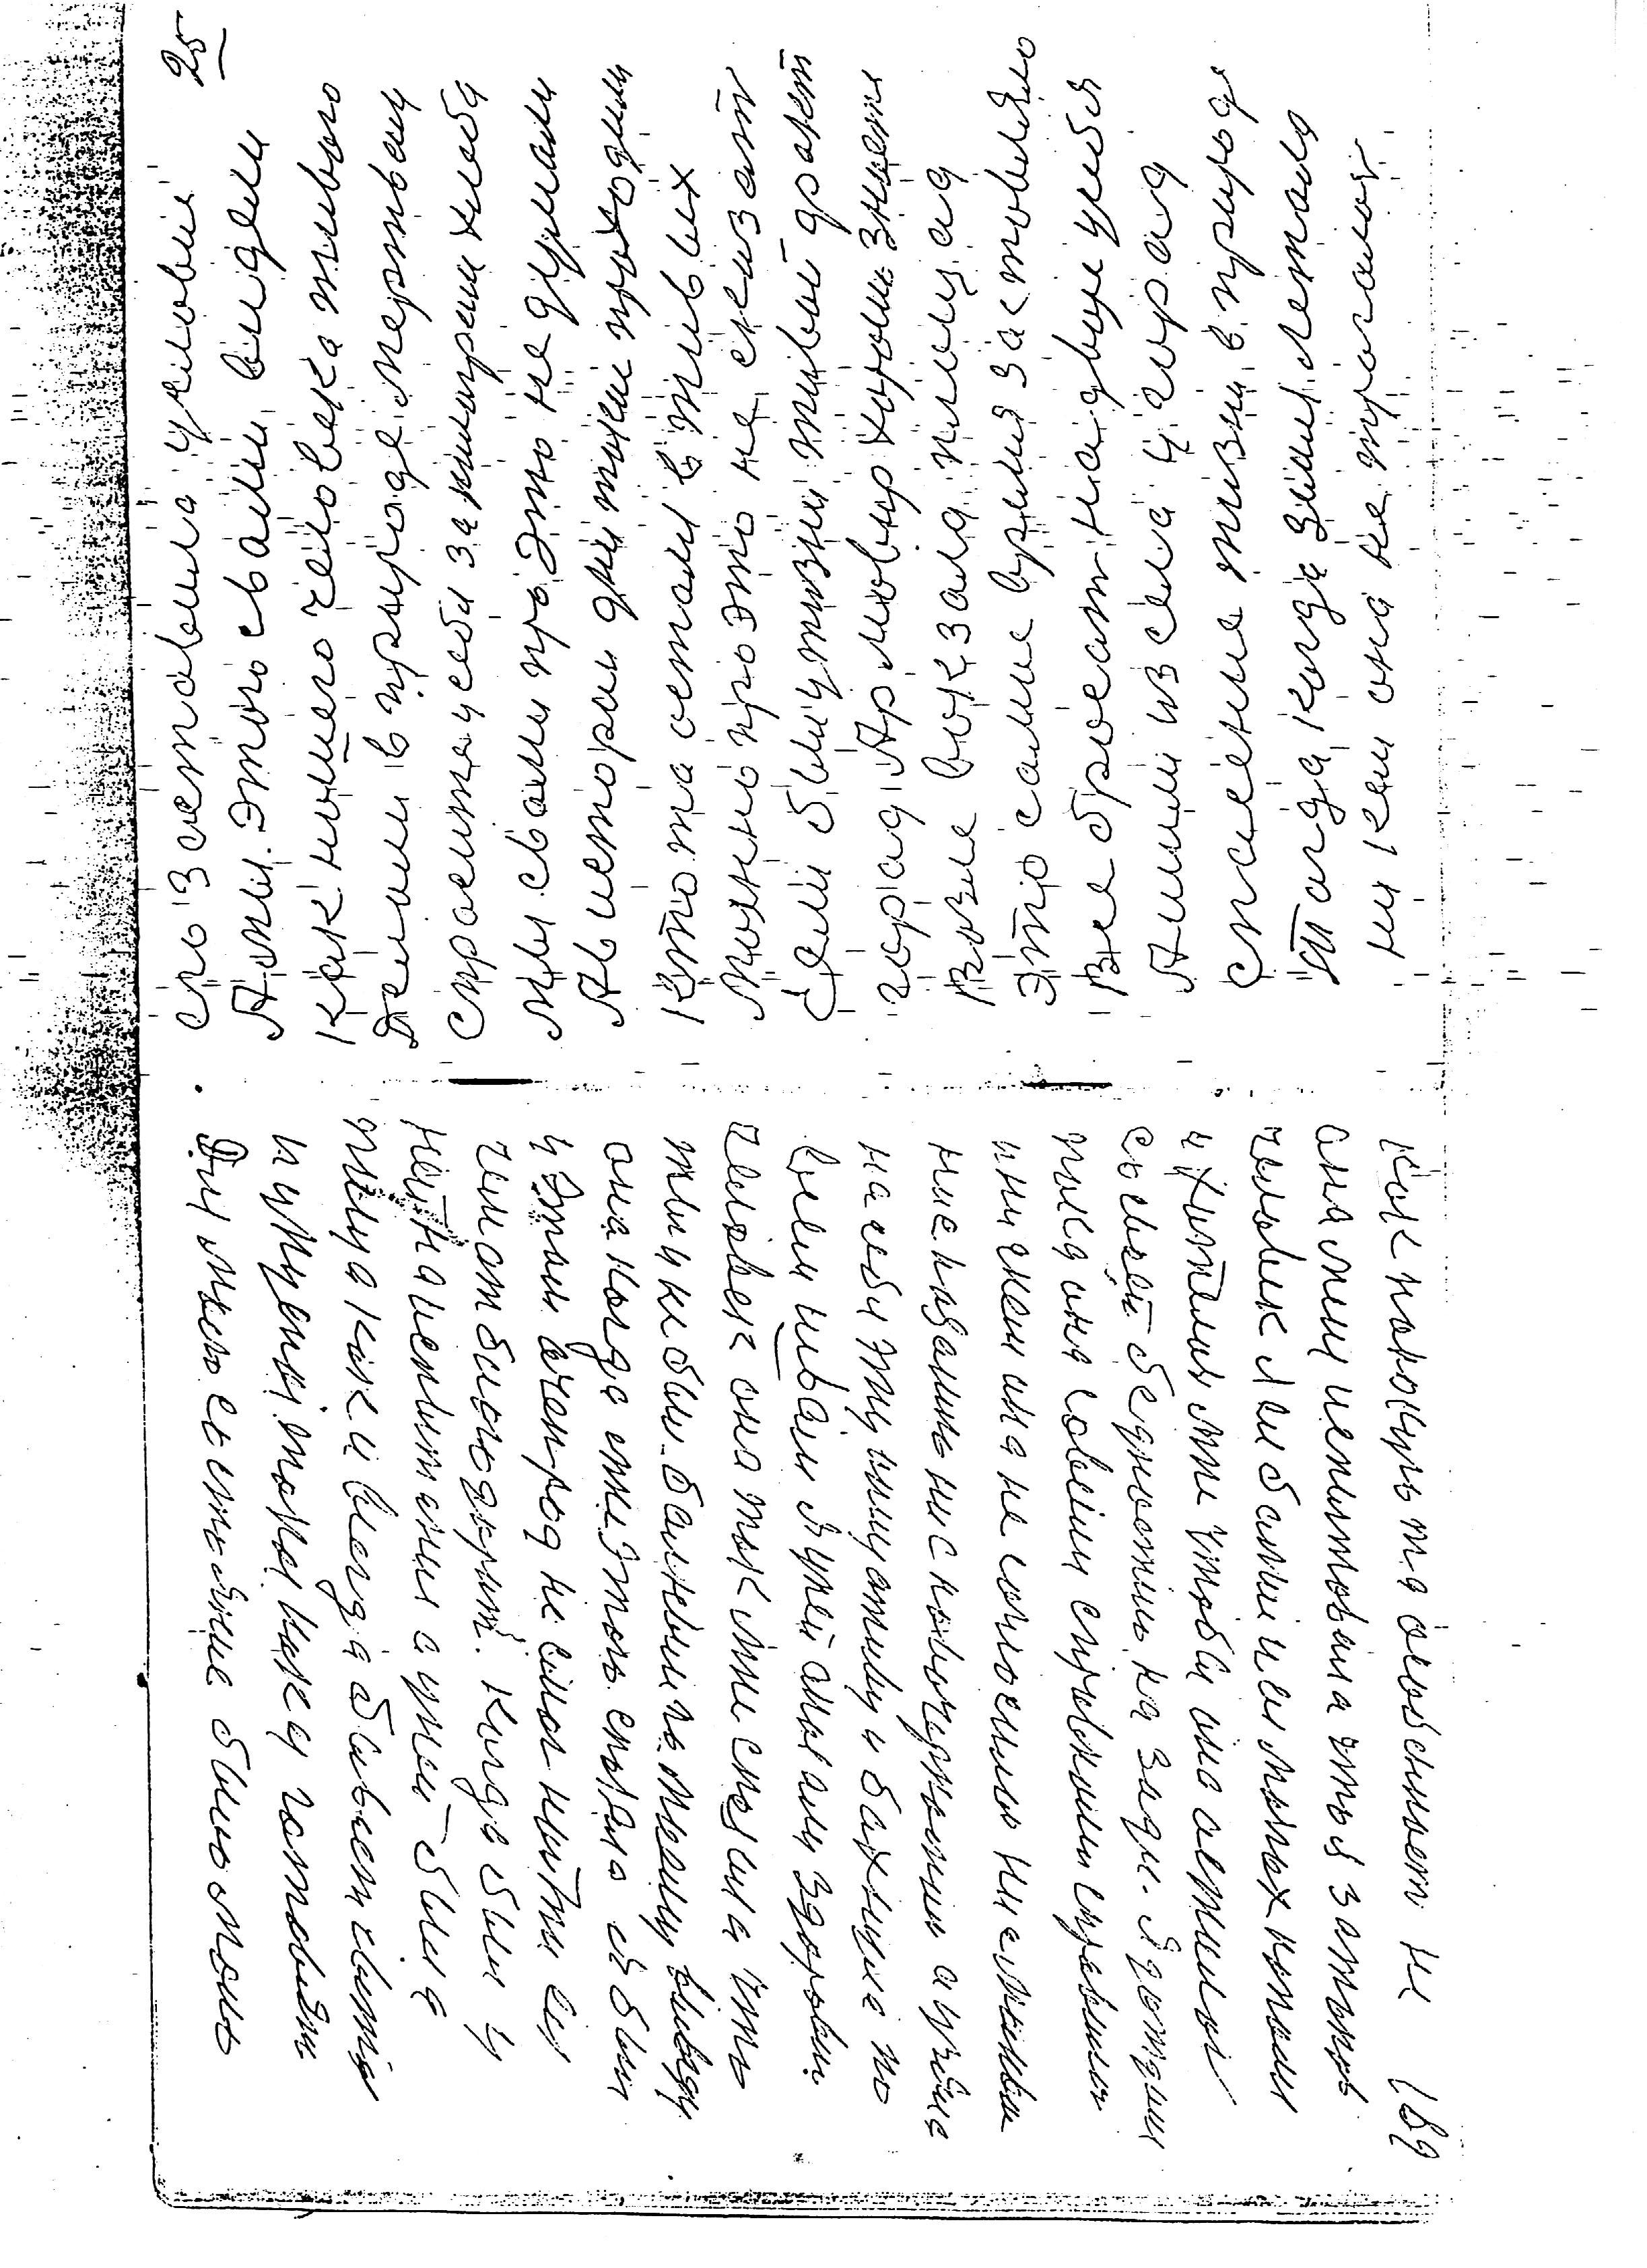 25-169.jpg